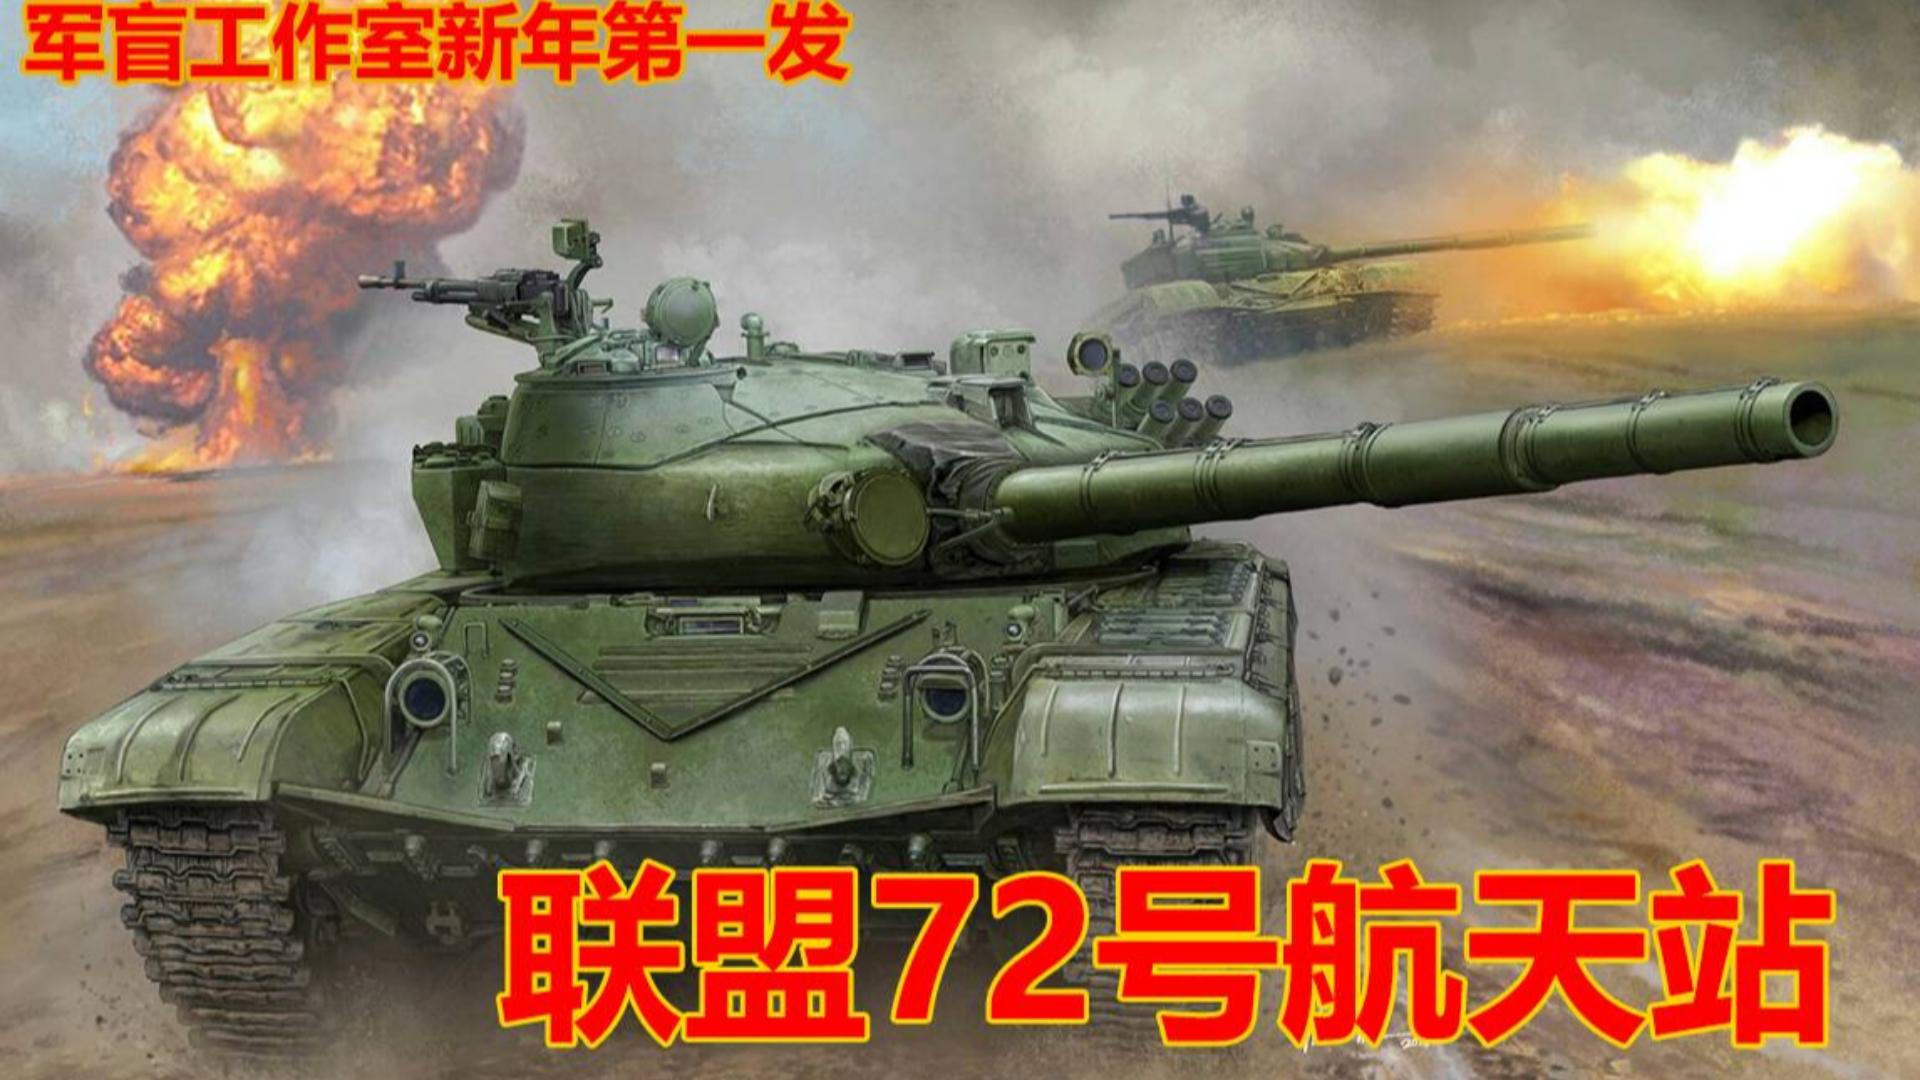 减配的逆袭——T-72主战坦克的起源与诞生